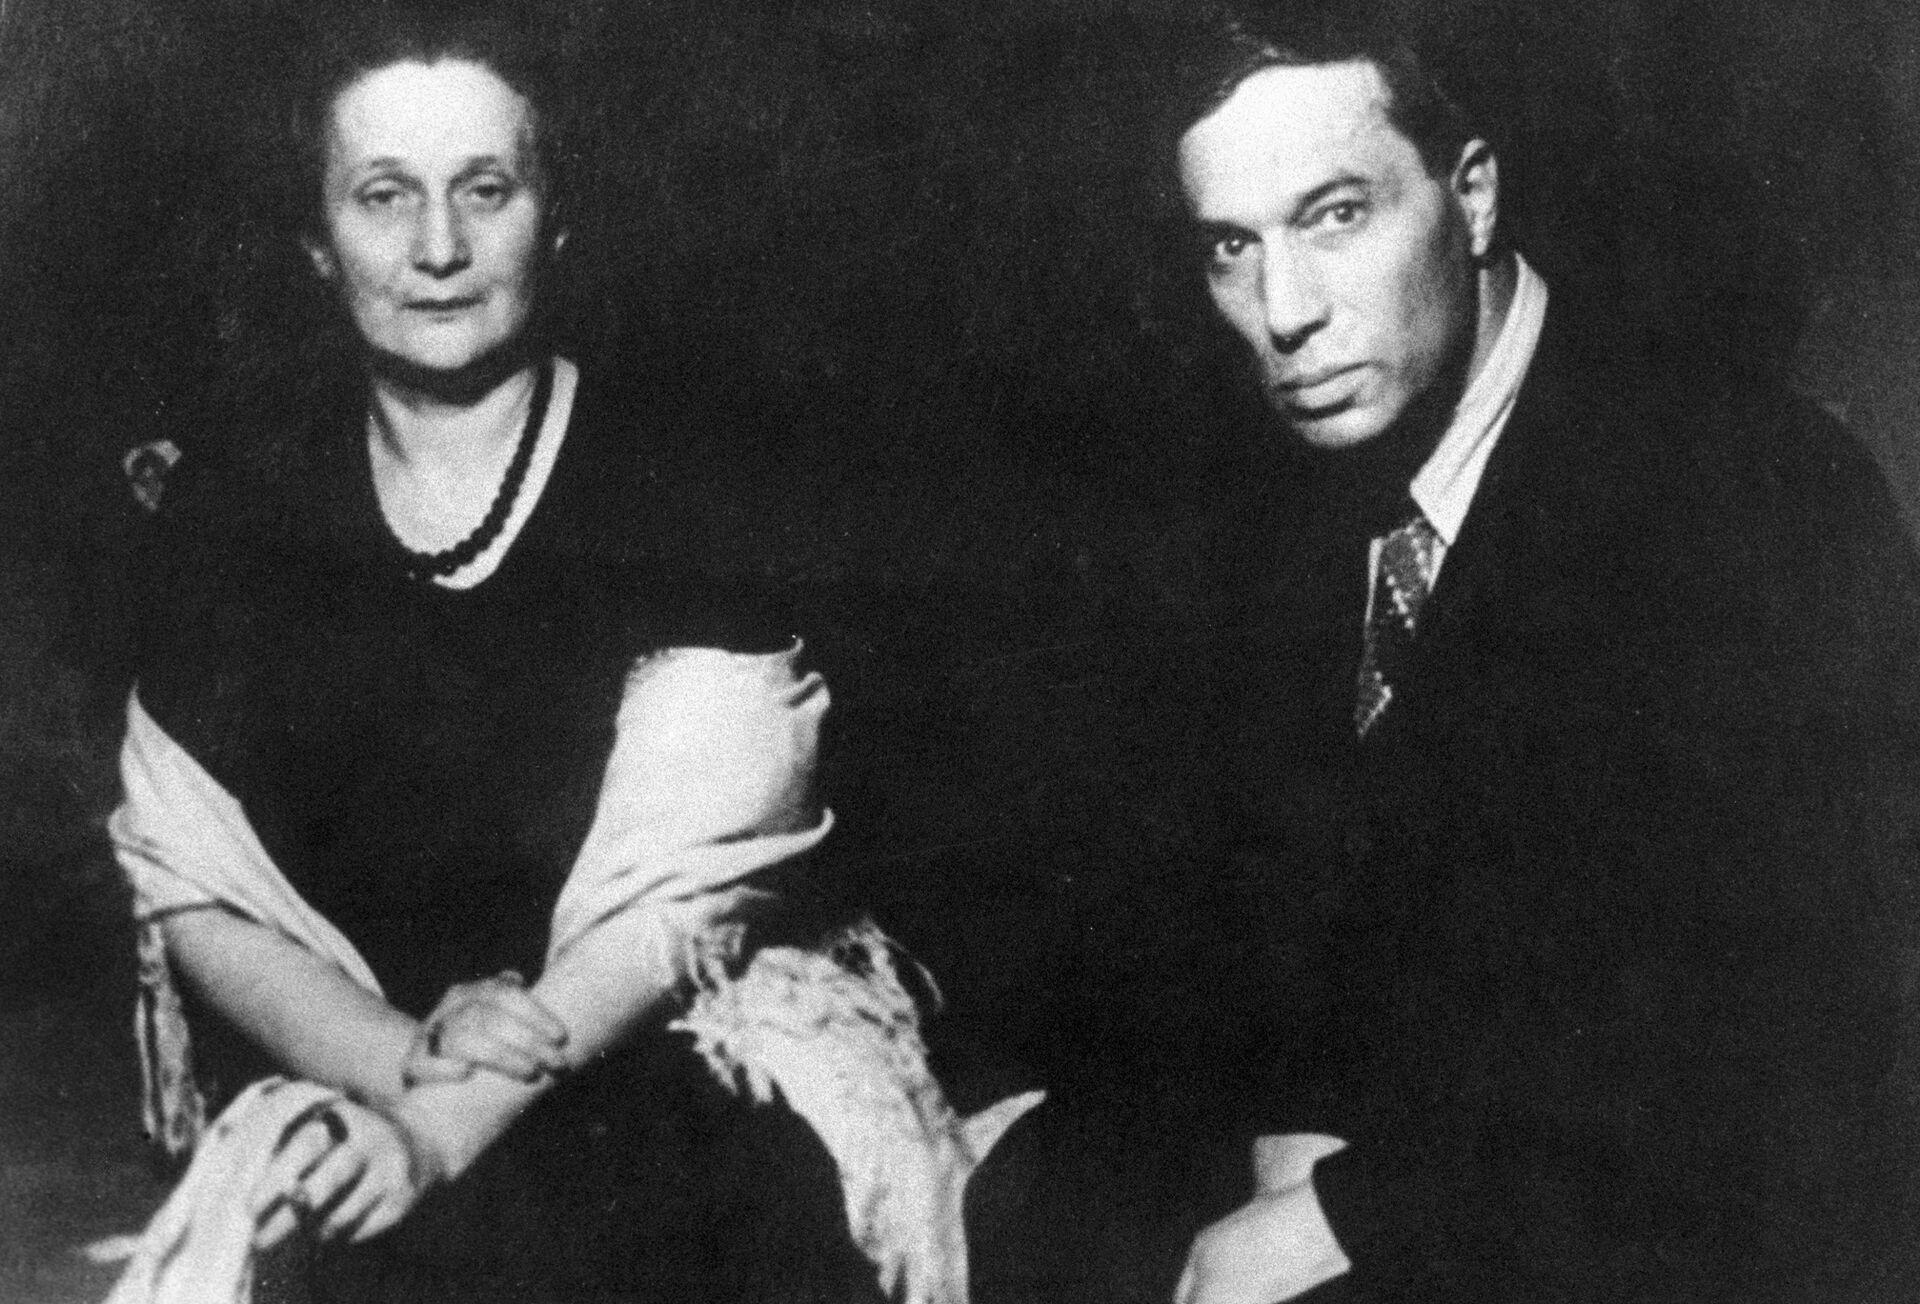 Поэты Анна Ахматова и Борис Пастернак. 1946 год  - РИА Новости, 1920, 13.10.2020